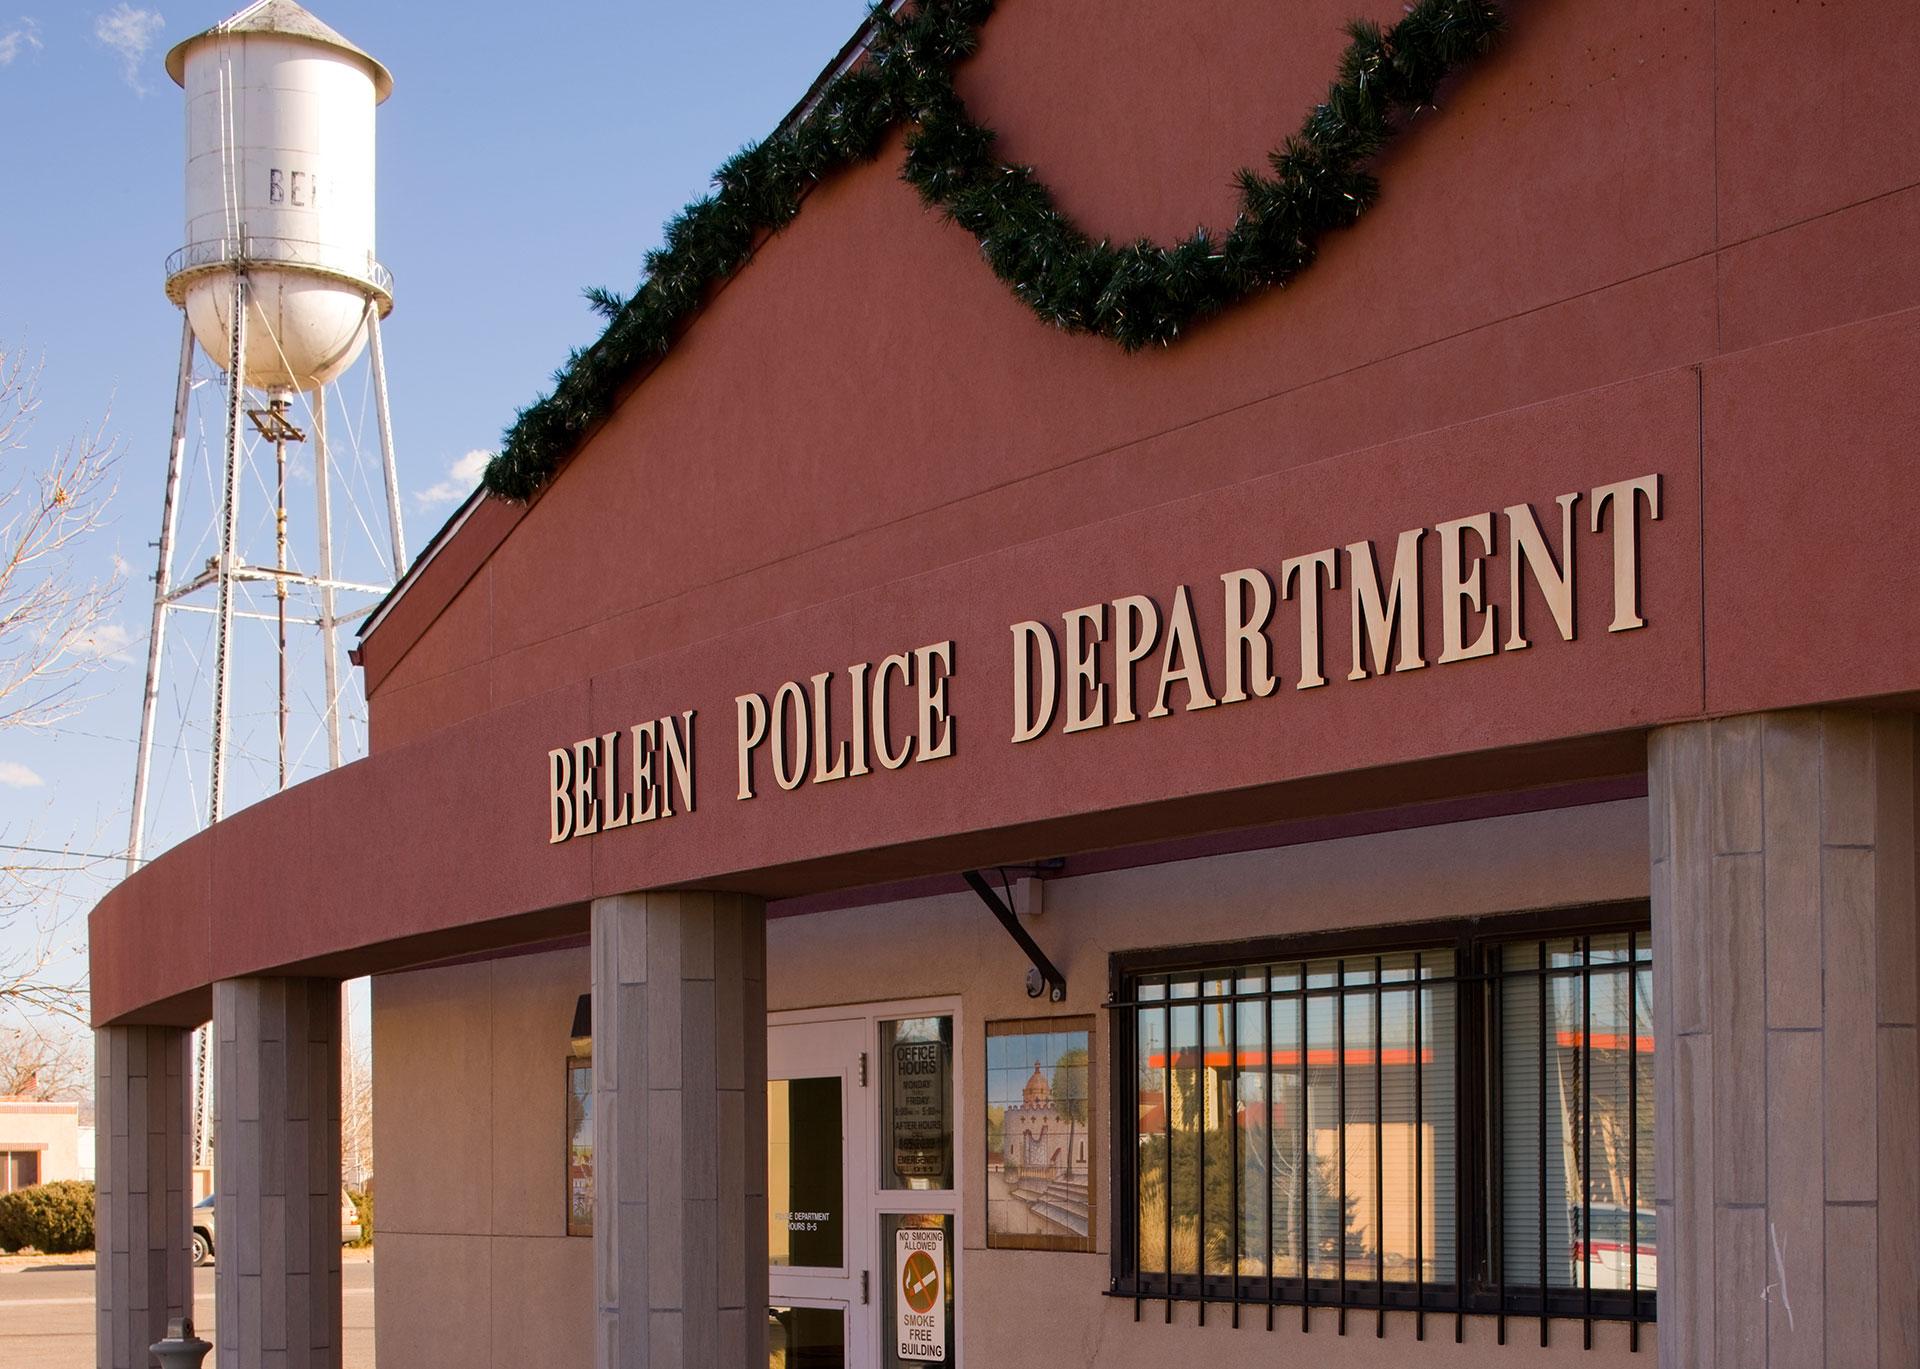 City of Belen